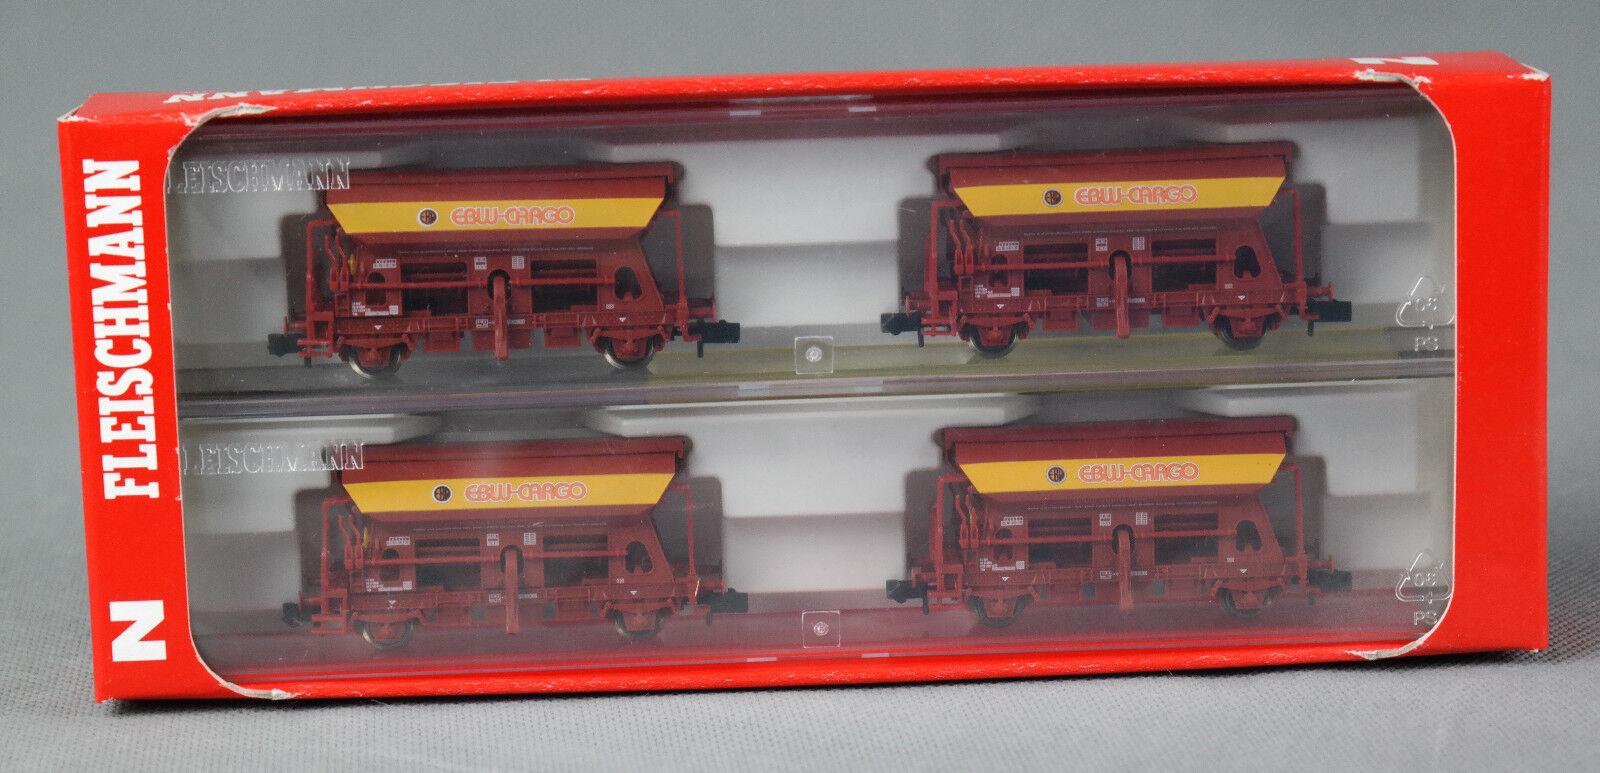 FLEISCHMANN 851102 851102 851102  4-teiliges Selbstentladewagen-Set EBW Cargo NEUWARE    Bekannt für seine hervorragende Qualität  a6cc9e